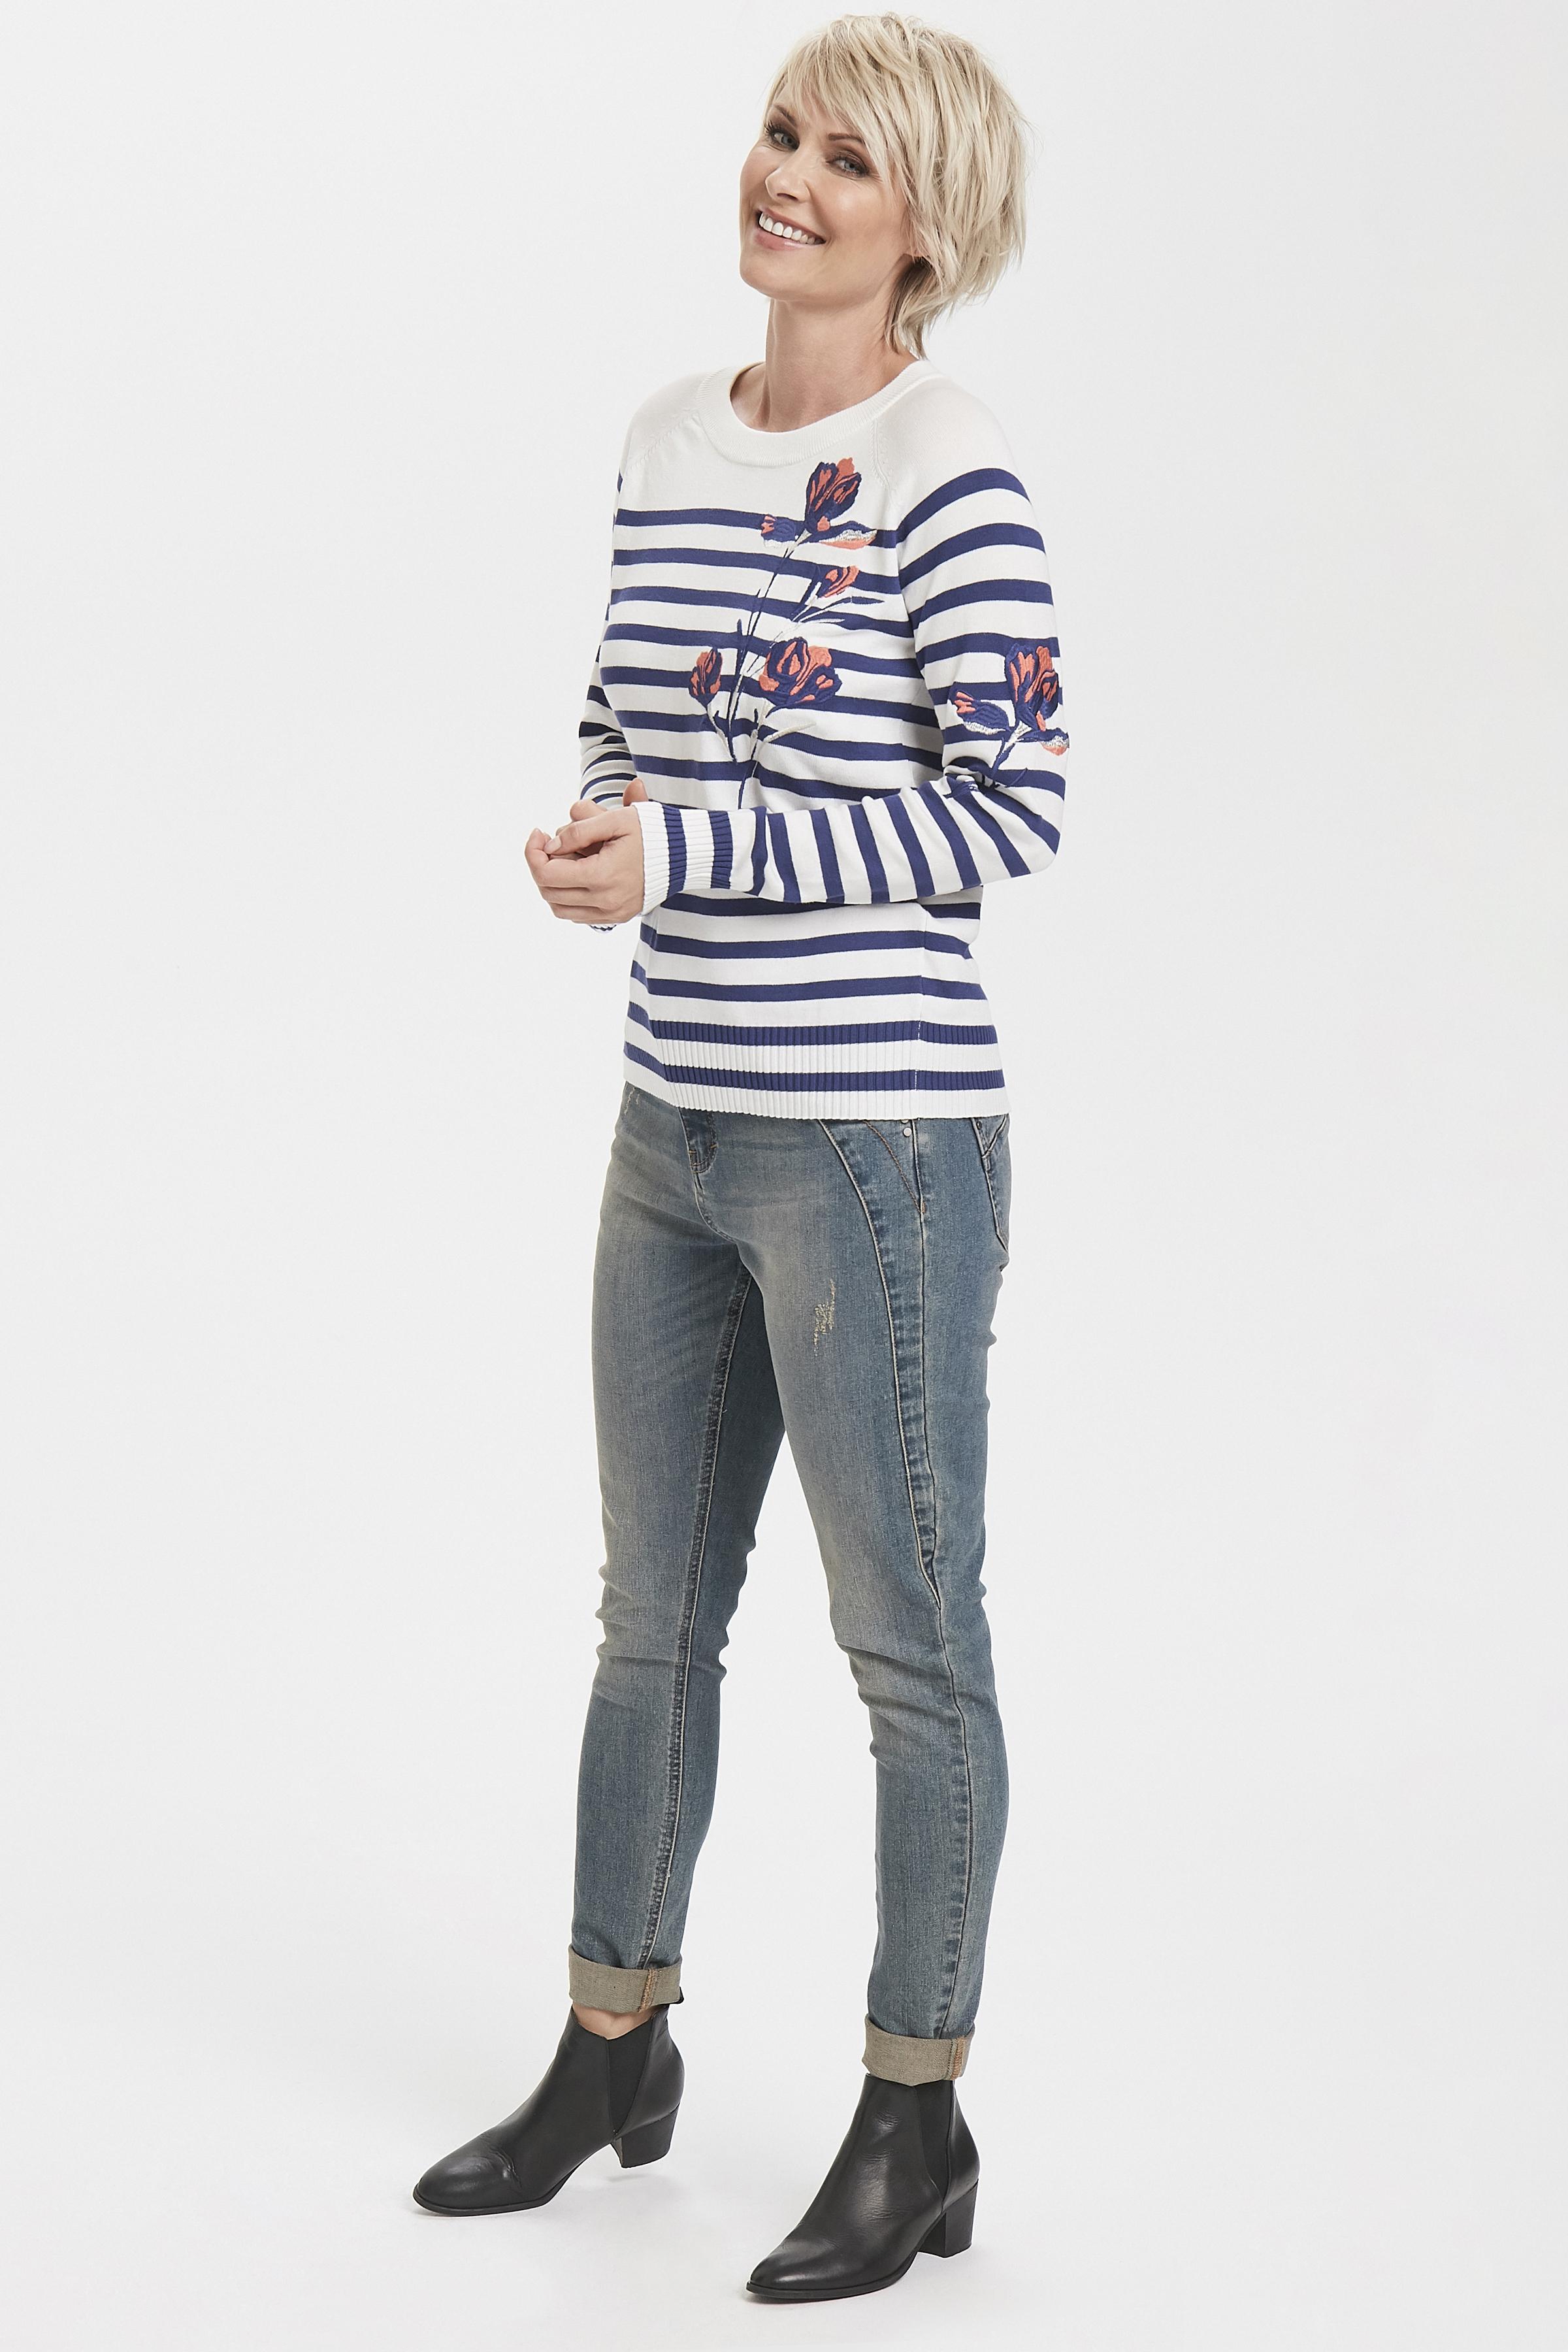 Hvid/mørkeblå Strikpullover fra Pulz Jeans – Køb Hvid/mørkeblå Strikpullover fra str. XS-XXL her